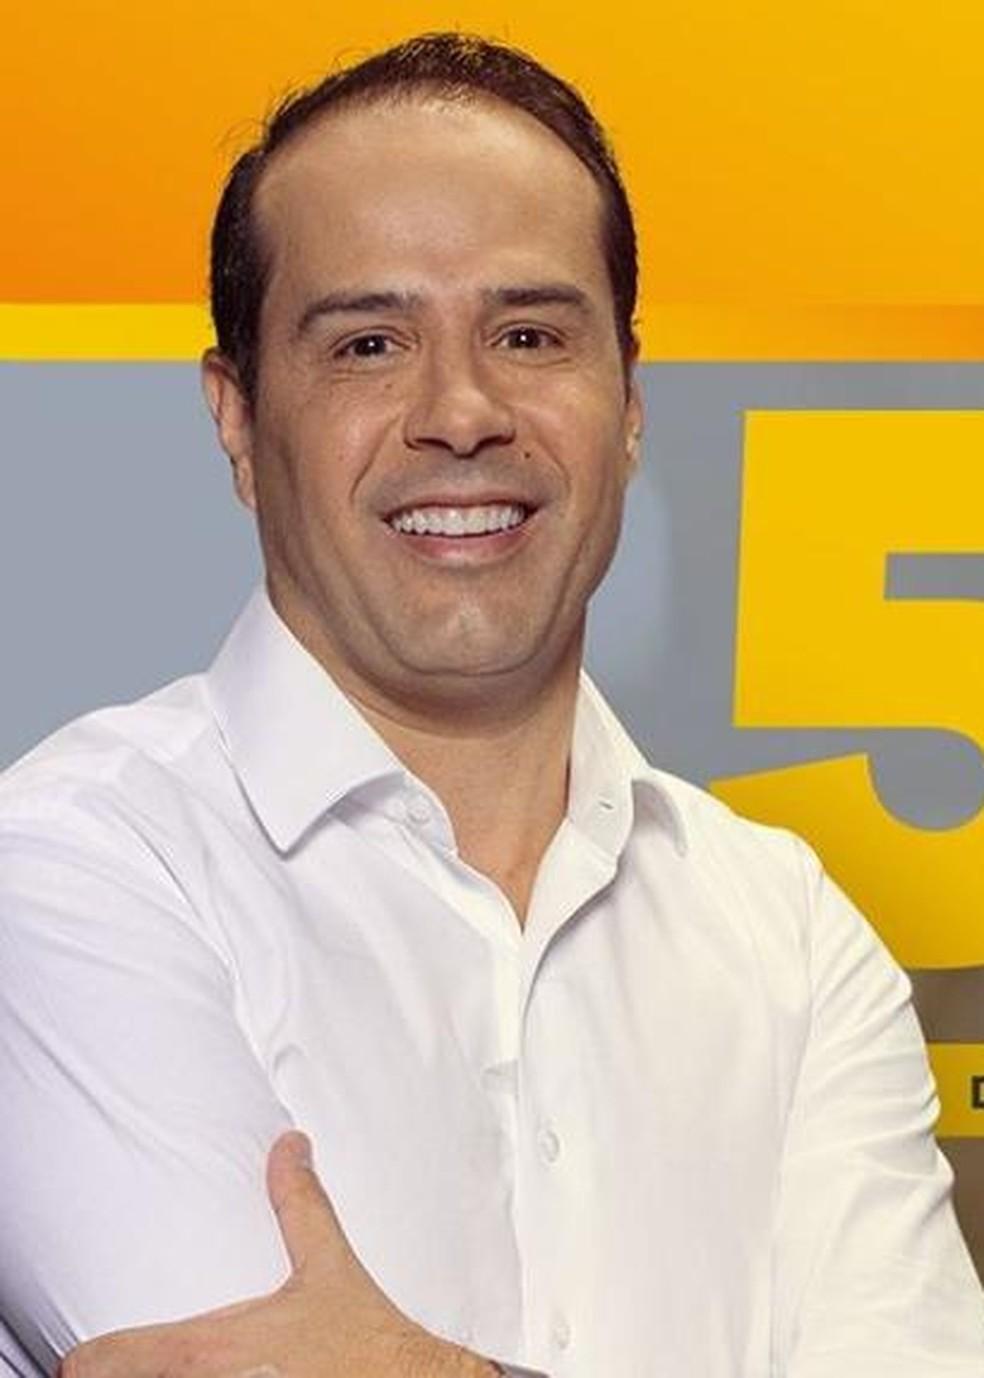 Ricardo Nunes, em foto publicada no instagram @ricardonuneseletro, no dia 22 de junho — Foto: Reprodução/Redes sociais